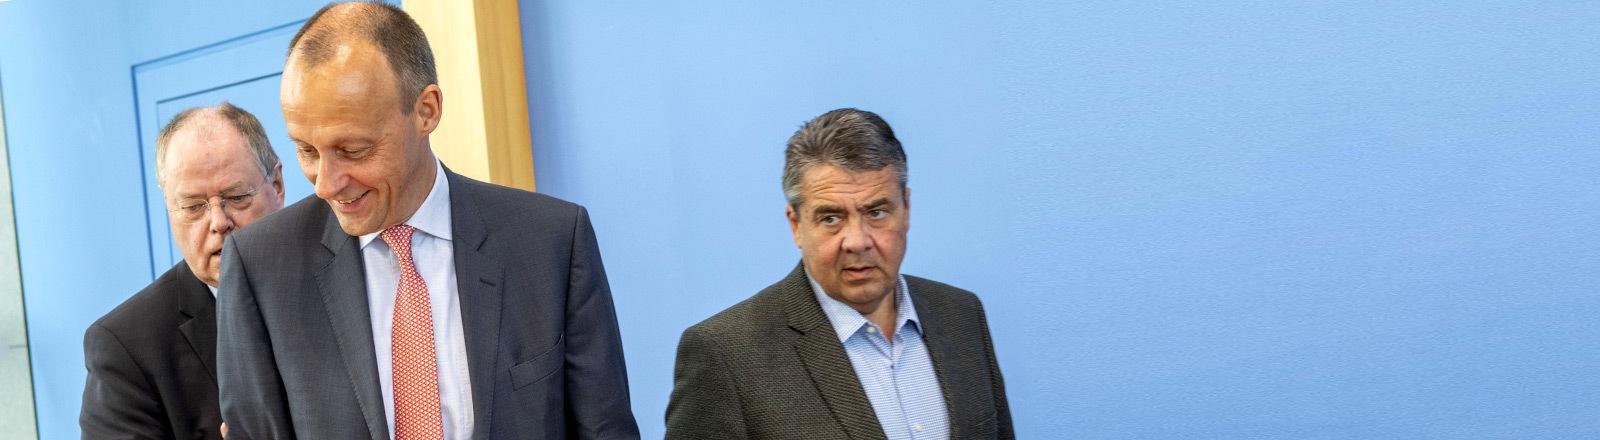 Friedrich Merz und Sigmar Gabriel